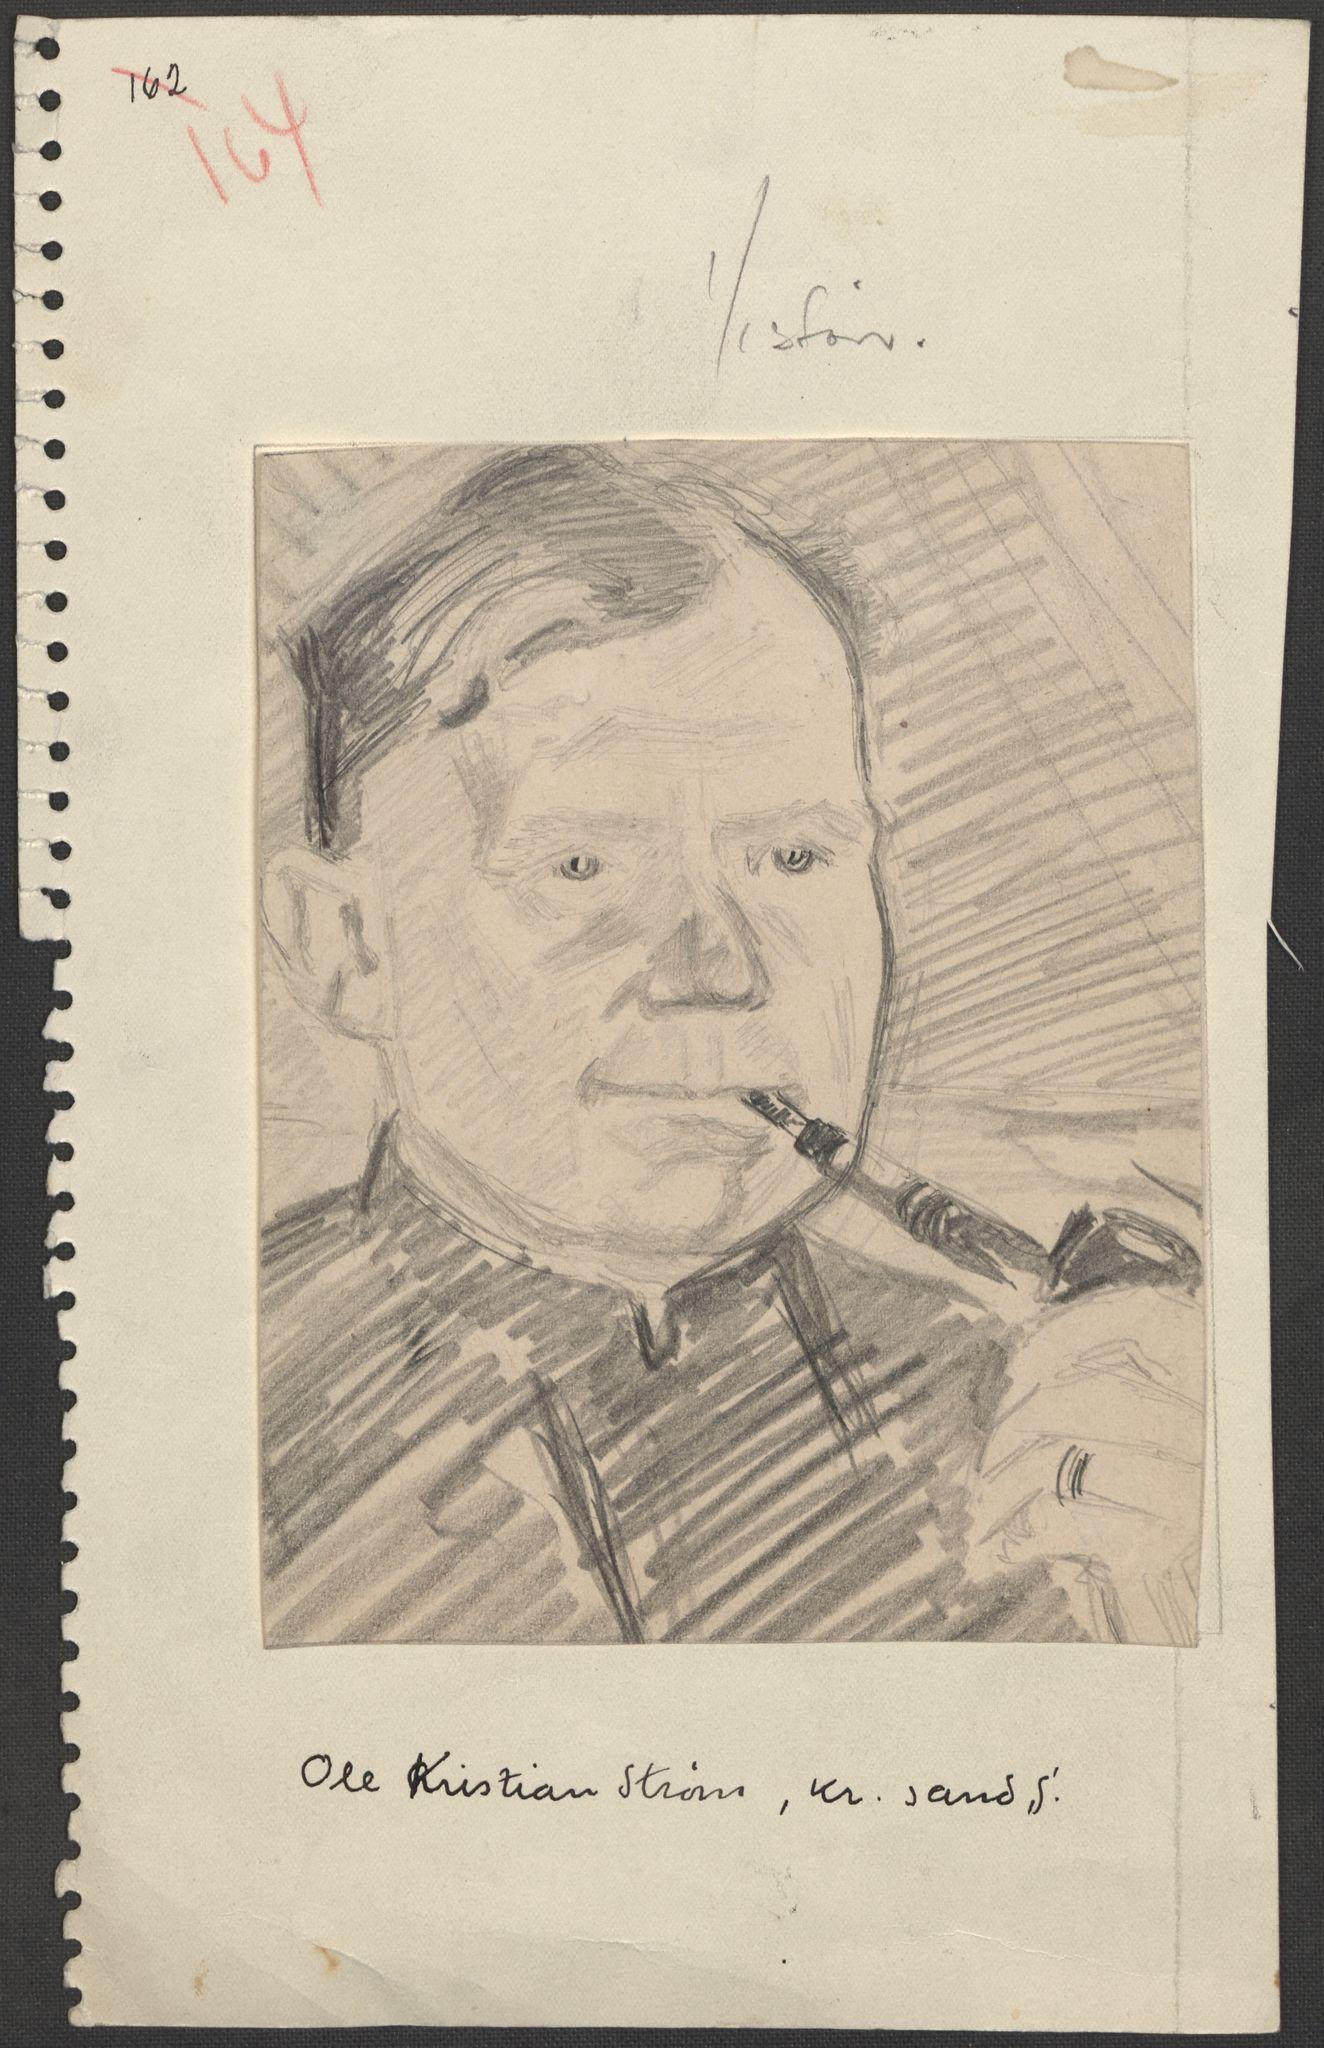 RA, Grøgaard, Joachim, F/L0002: Tegninger og tekster, 1942-1945, s. 129